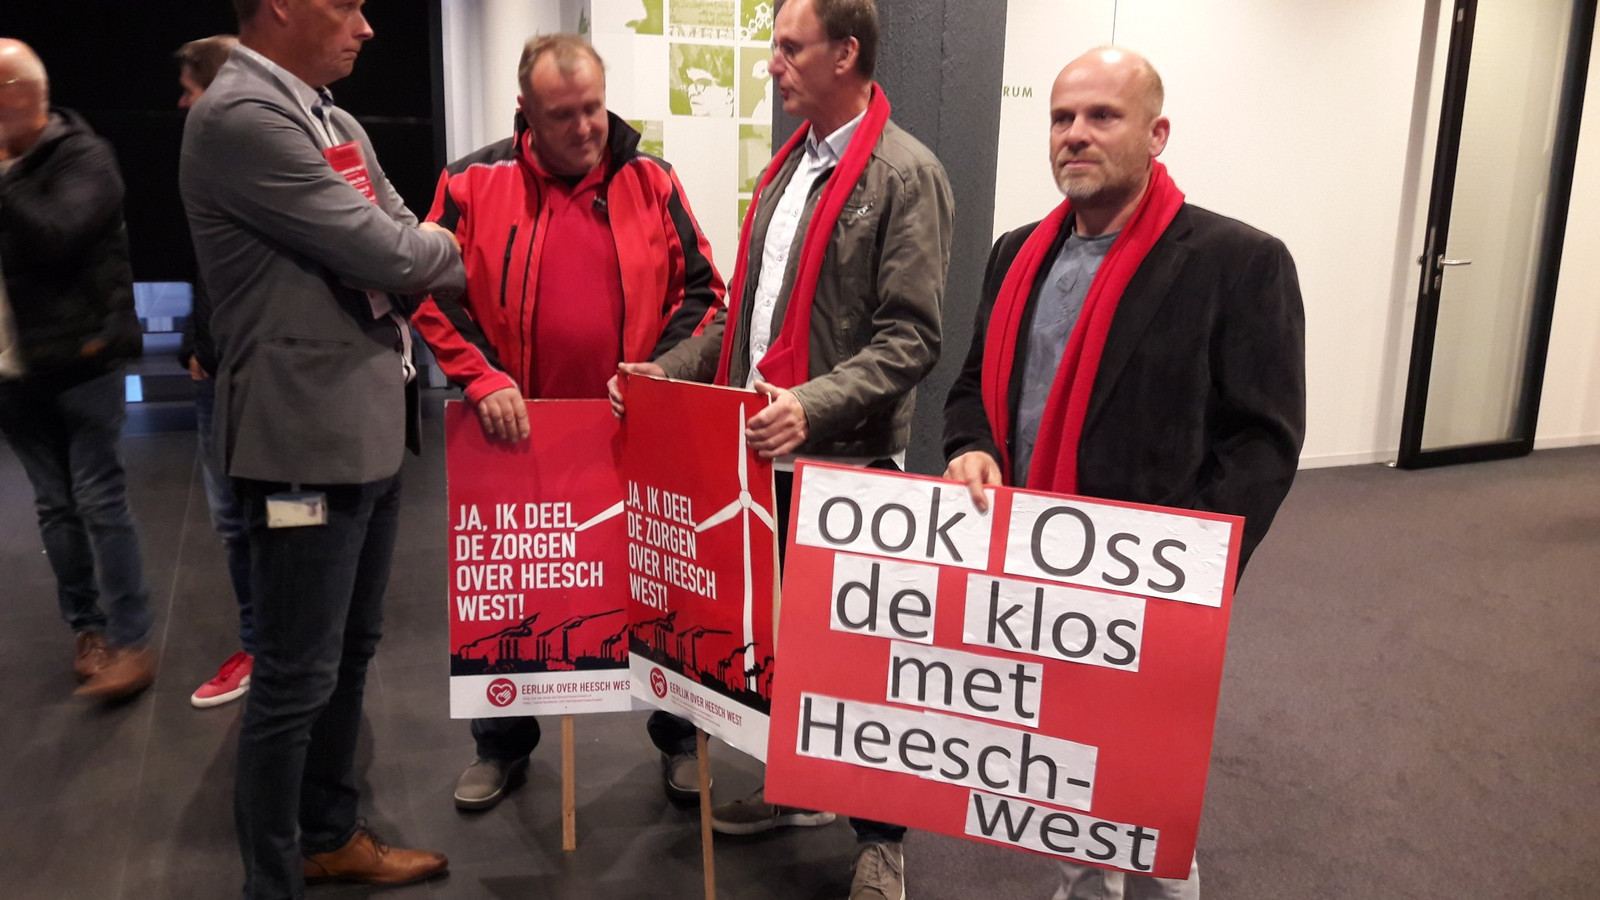 Tegenstanders van bedrijventerrein Heesch-West verzamelen zich in het Osse gemeentehuis.